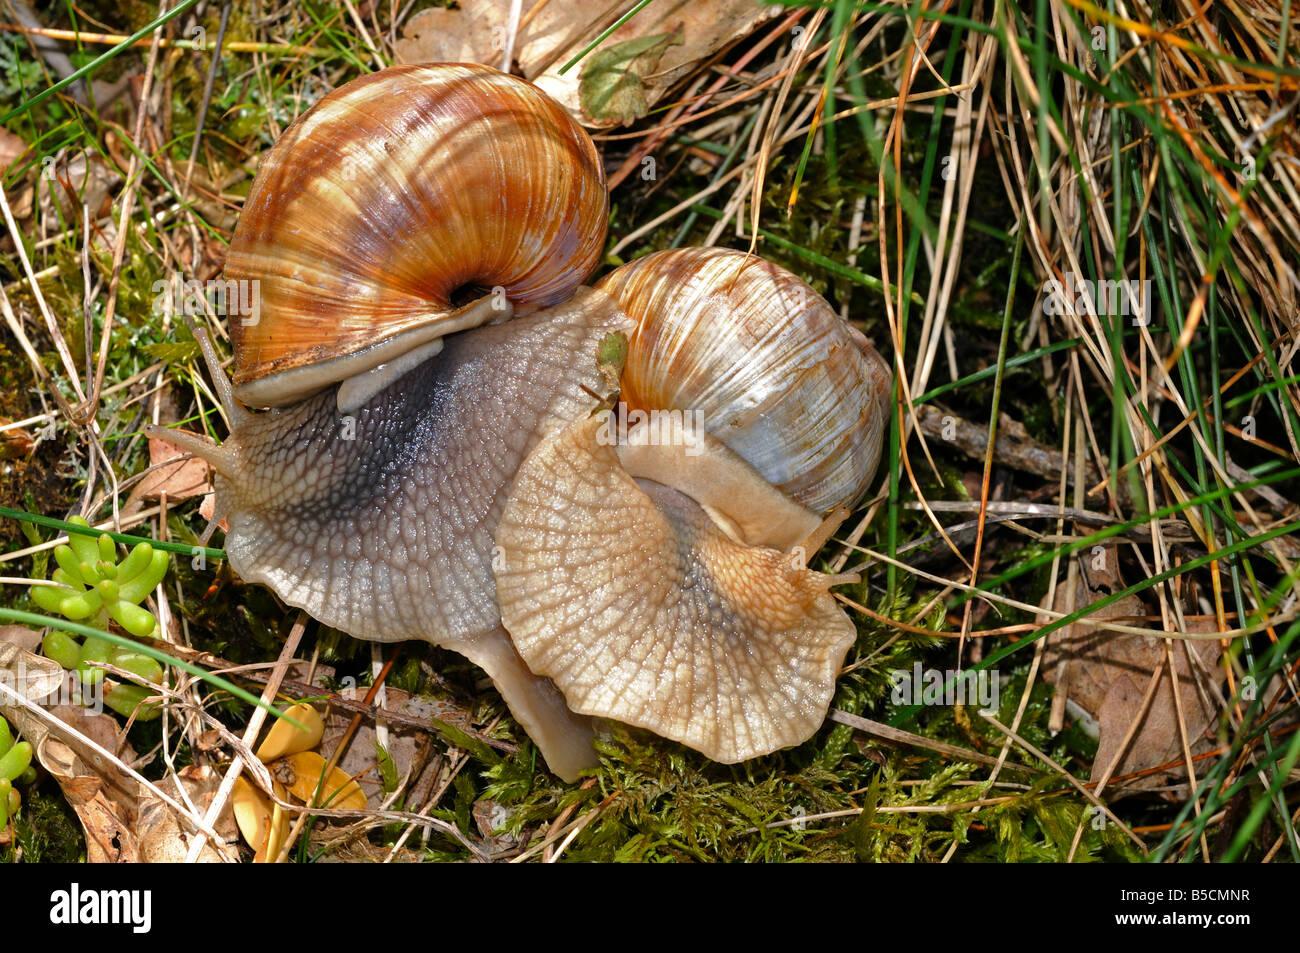 snails stockfotos snails bilder alamy. Black Bedroom Furniture Sets. Home Design Ideas